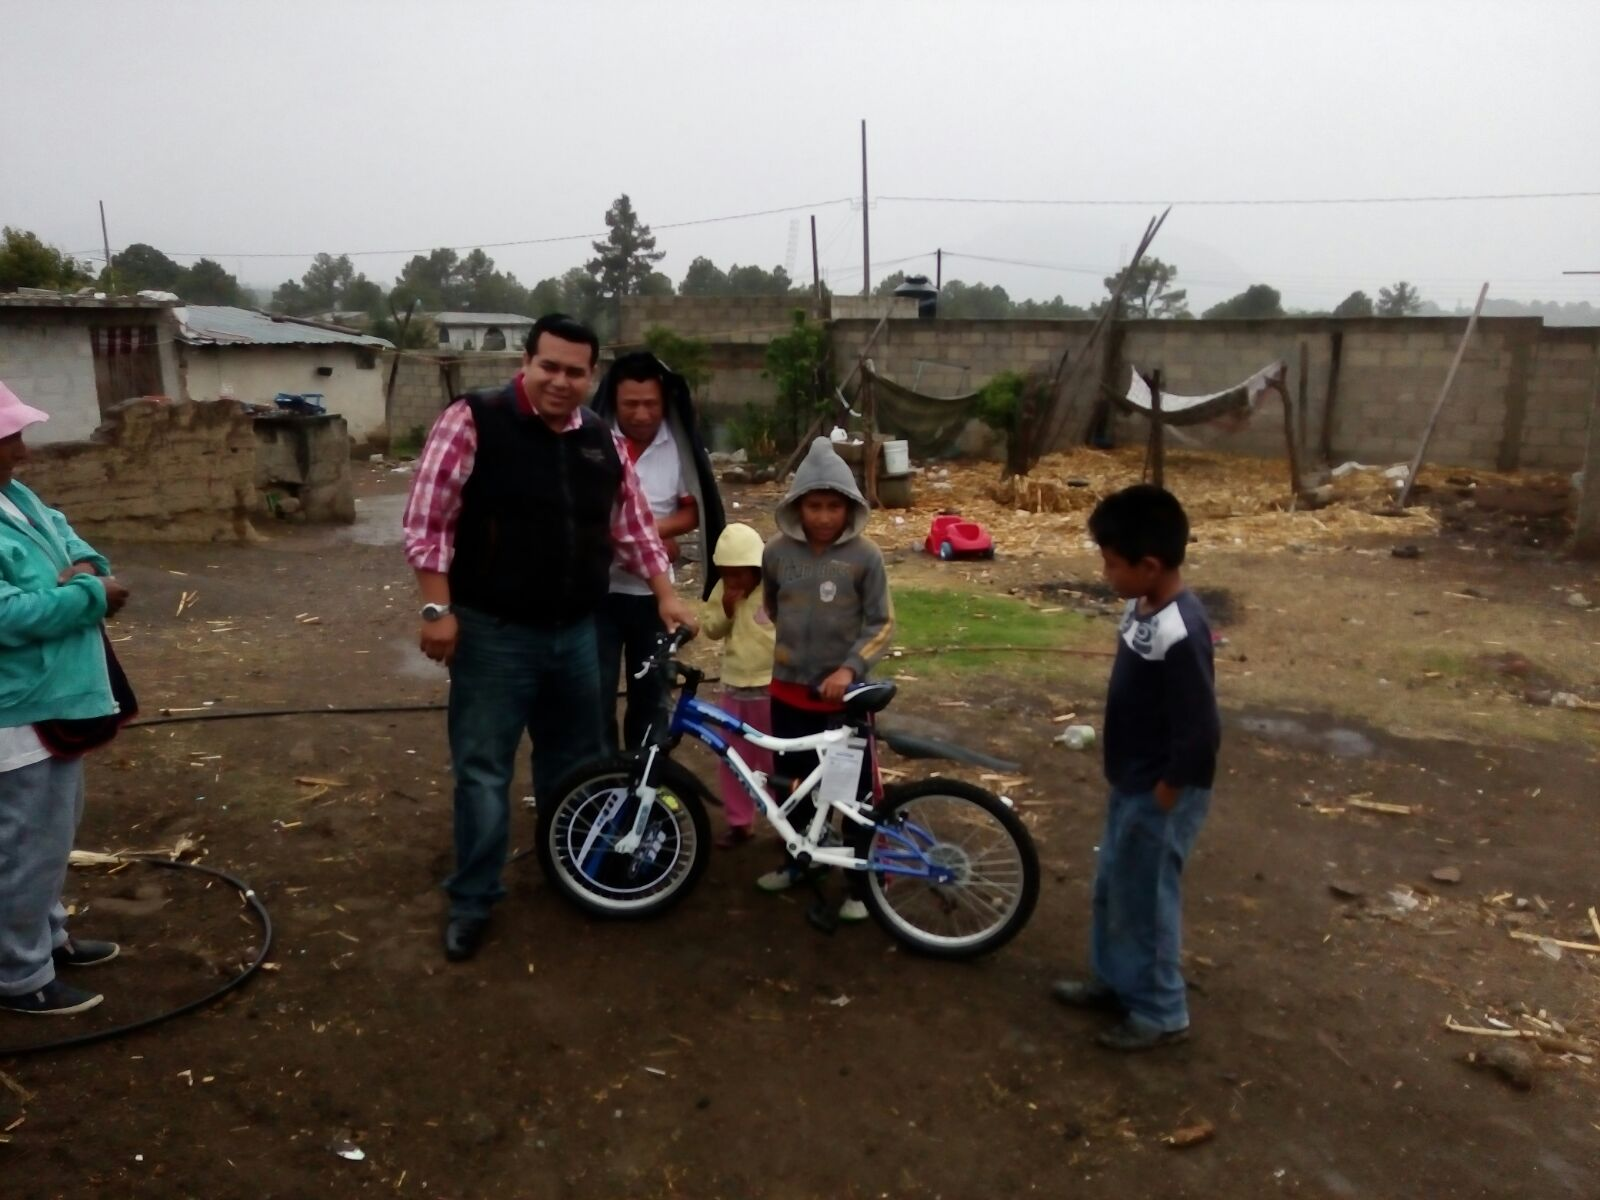 Regala bicicleta alcalde a niño de escasos recursos